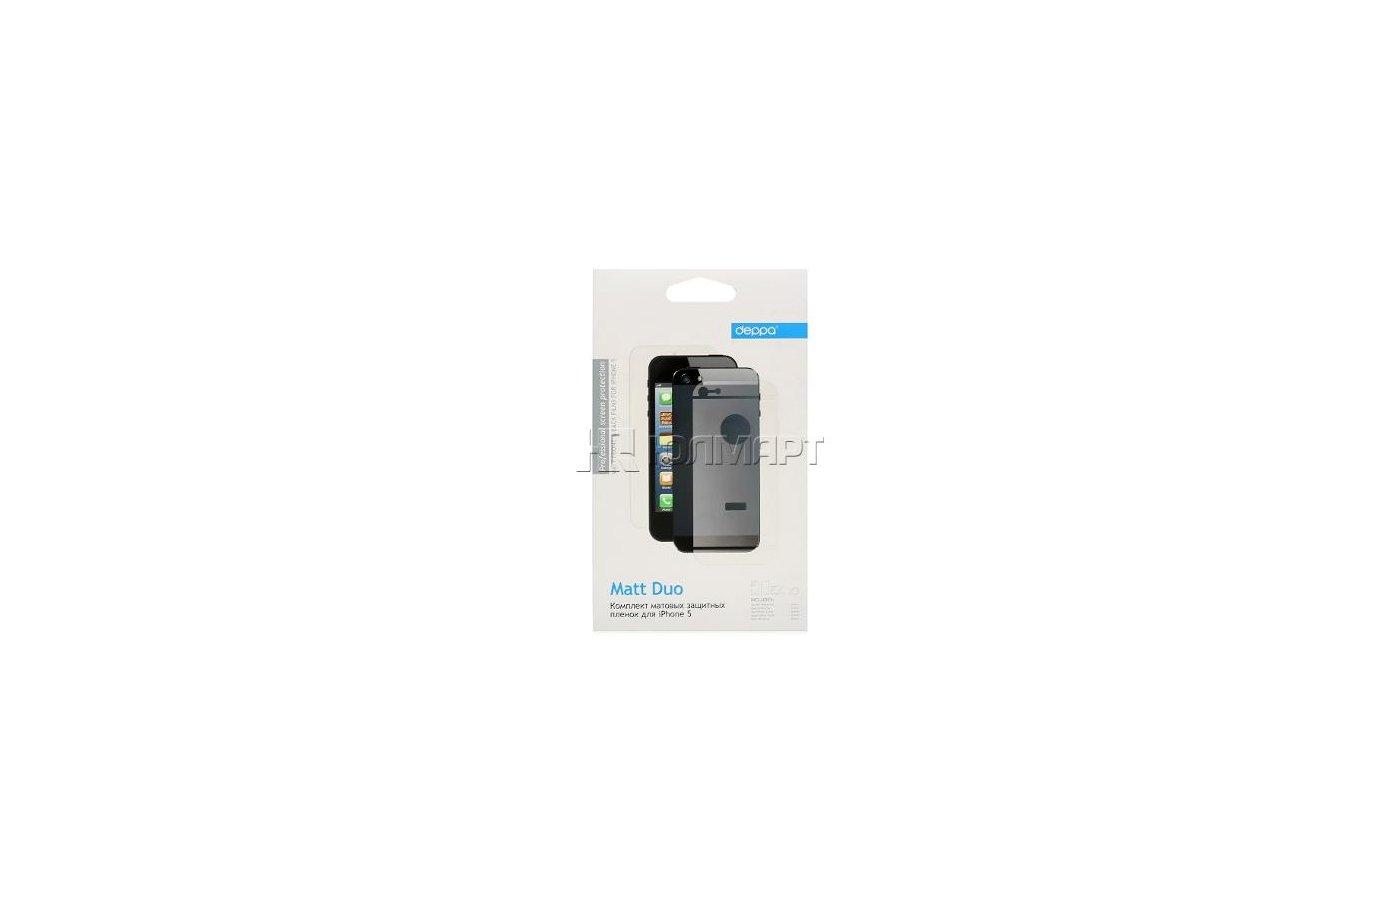 Стекло Deppa пленка для iPhone 5/5S/SE матовая 2-х сторонняя